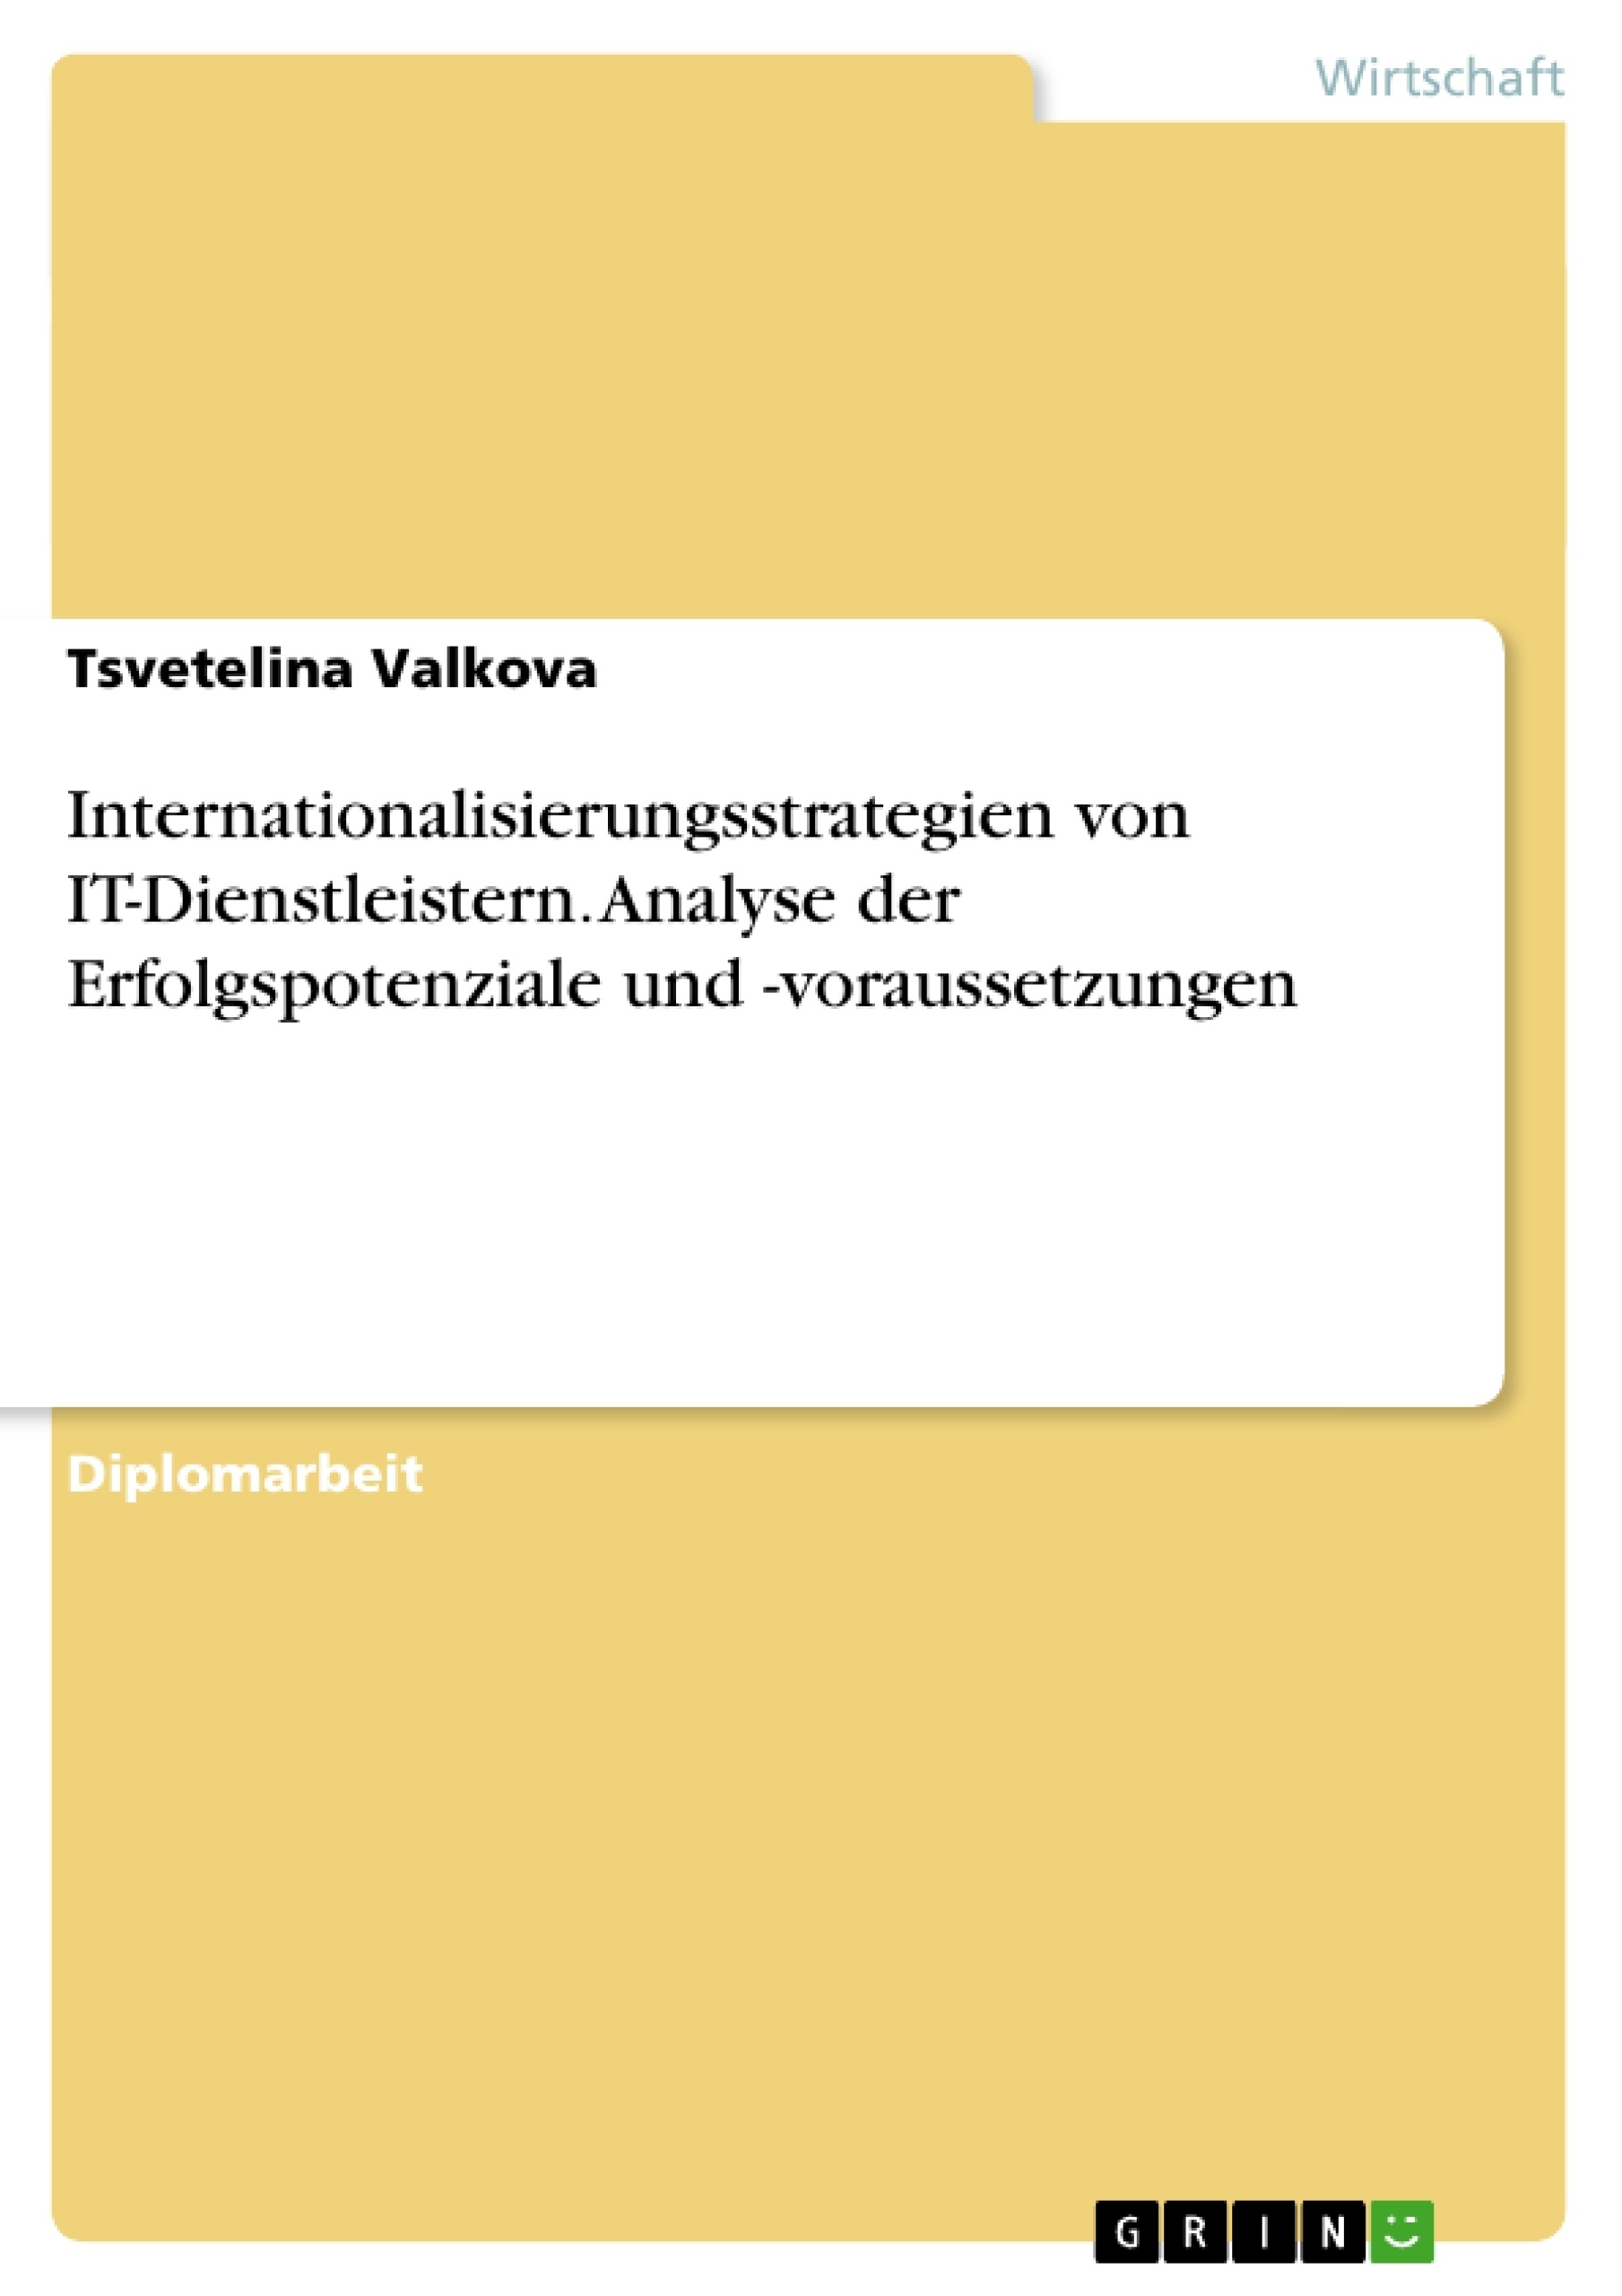 Titel: Internationalisierungsstrategien von IT-Dienstleistern. Analyse der Erfolgspotenziale und -voraussetzungen